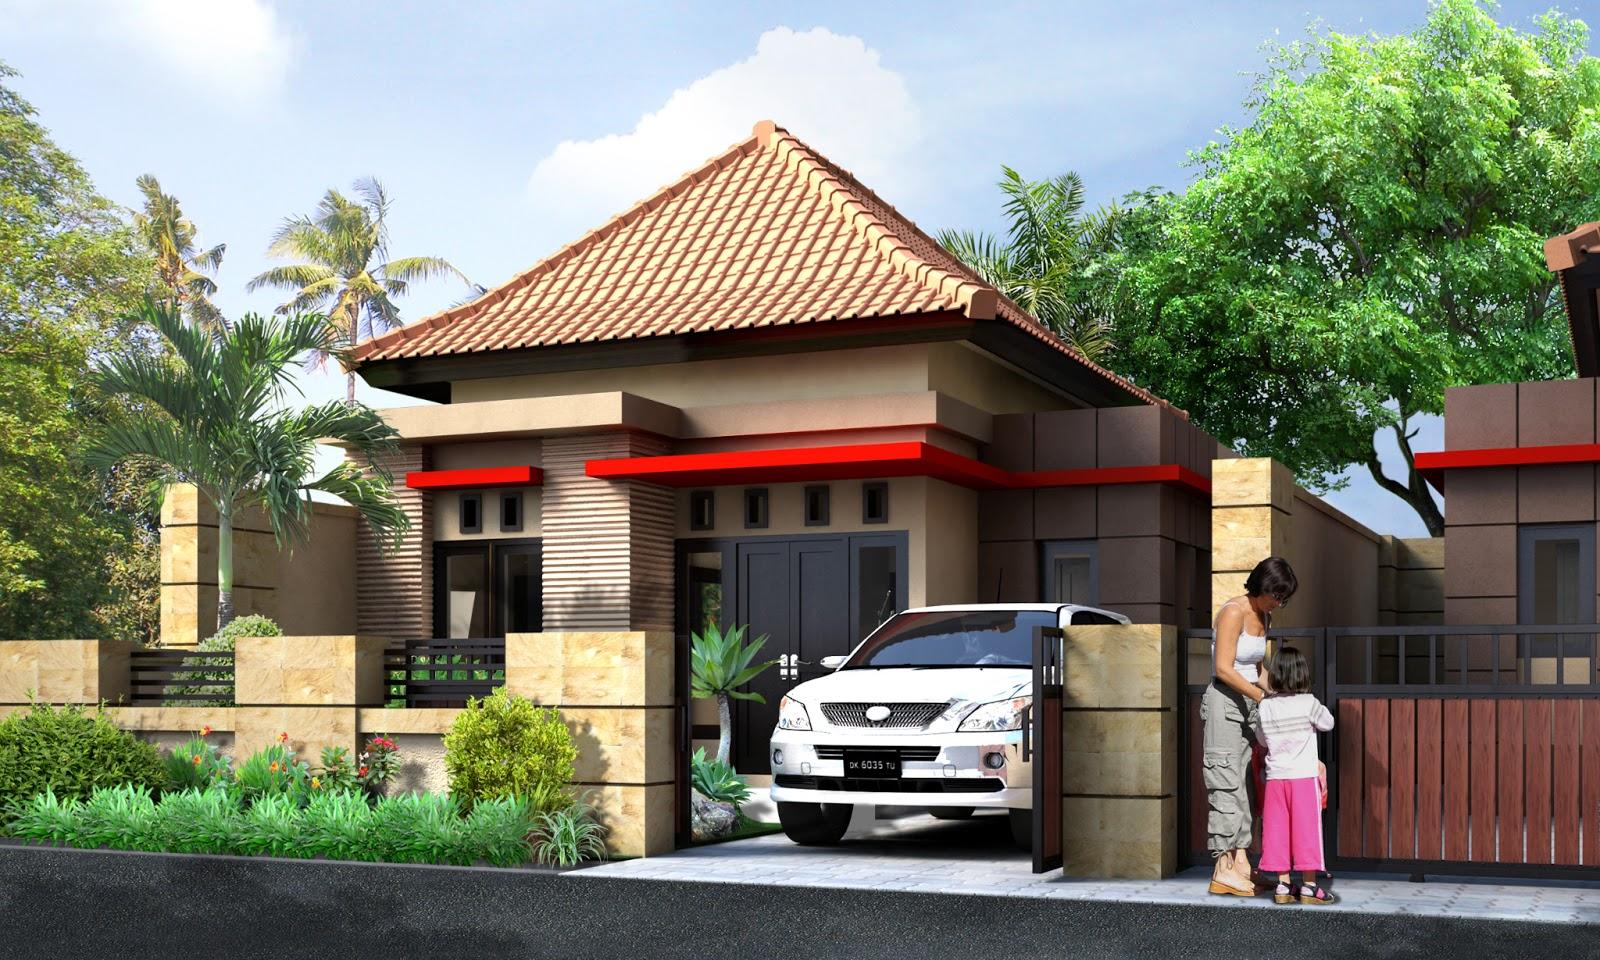 67 Desain Rumah Minimalis Style Bali Desain Rumah Minimalis Terbaru